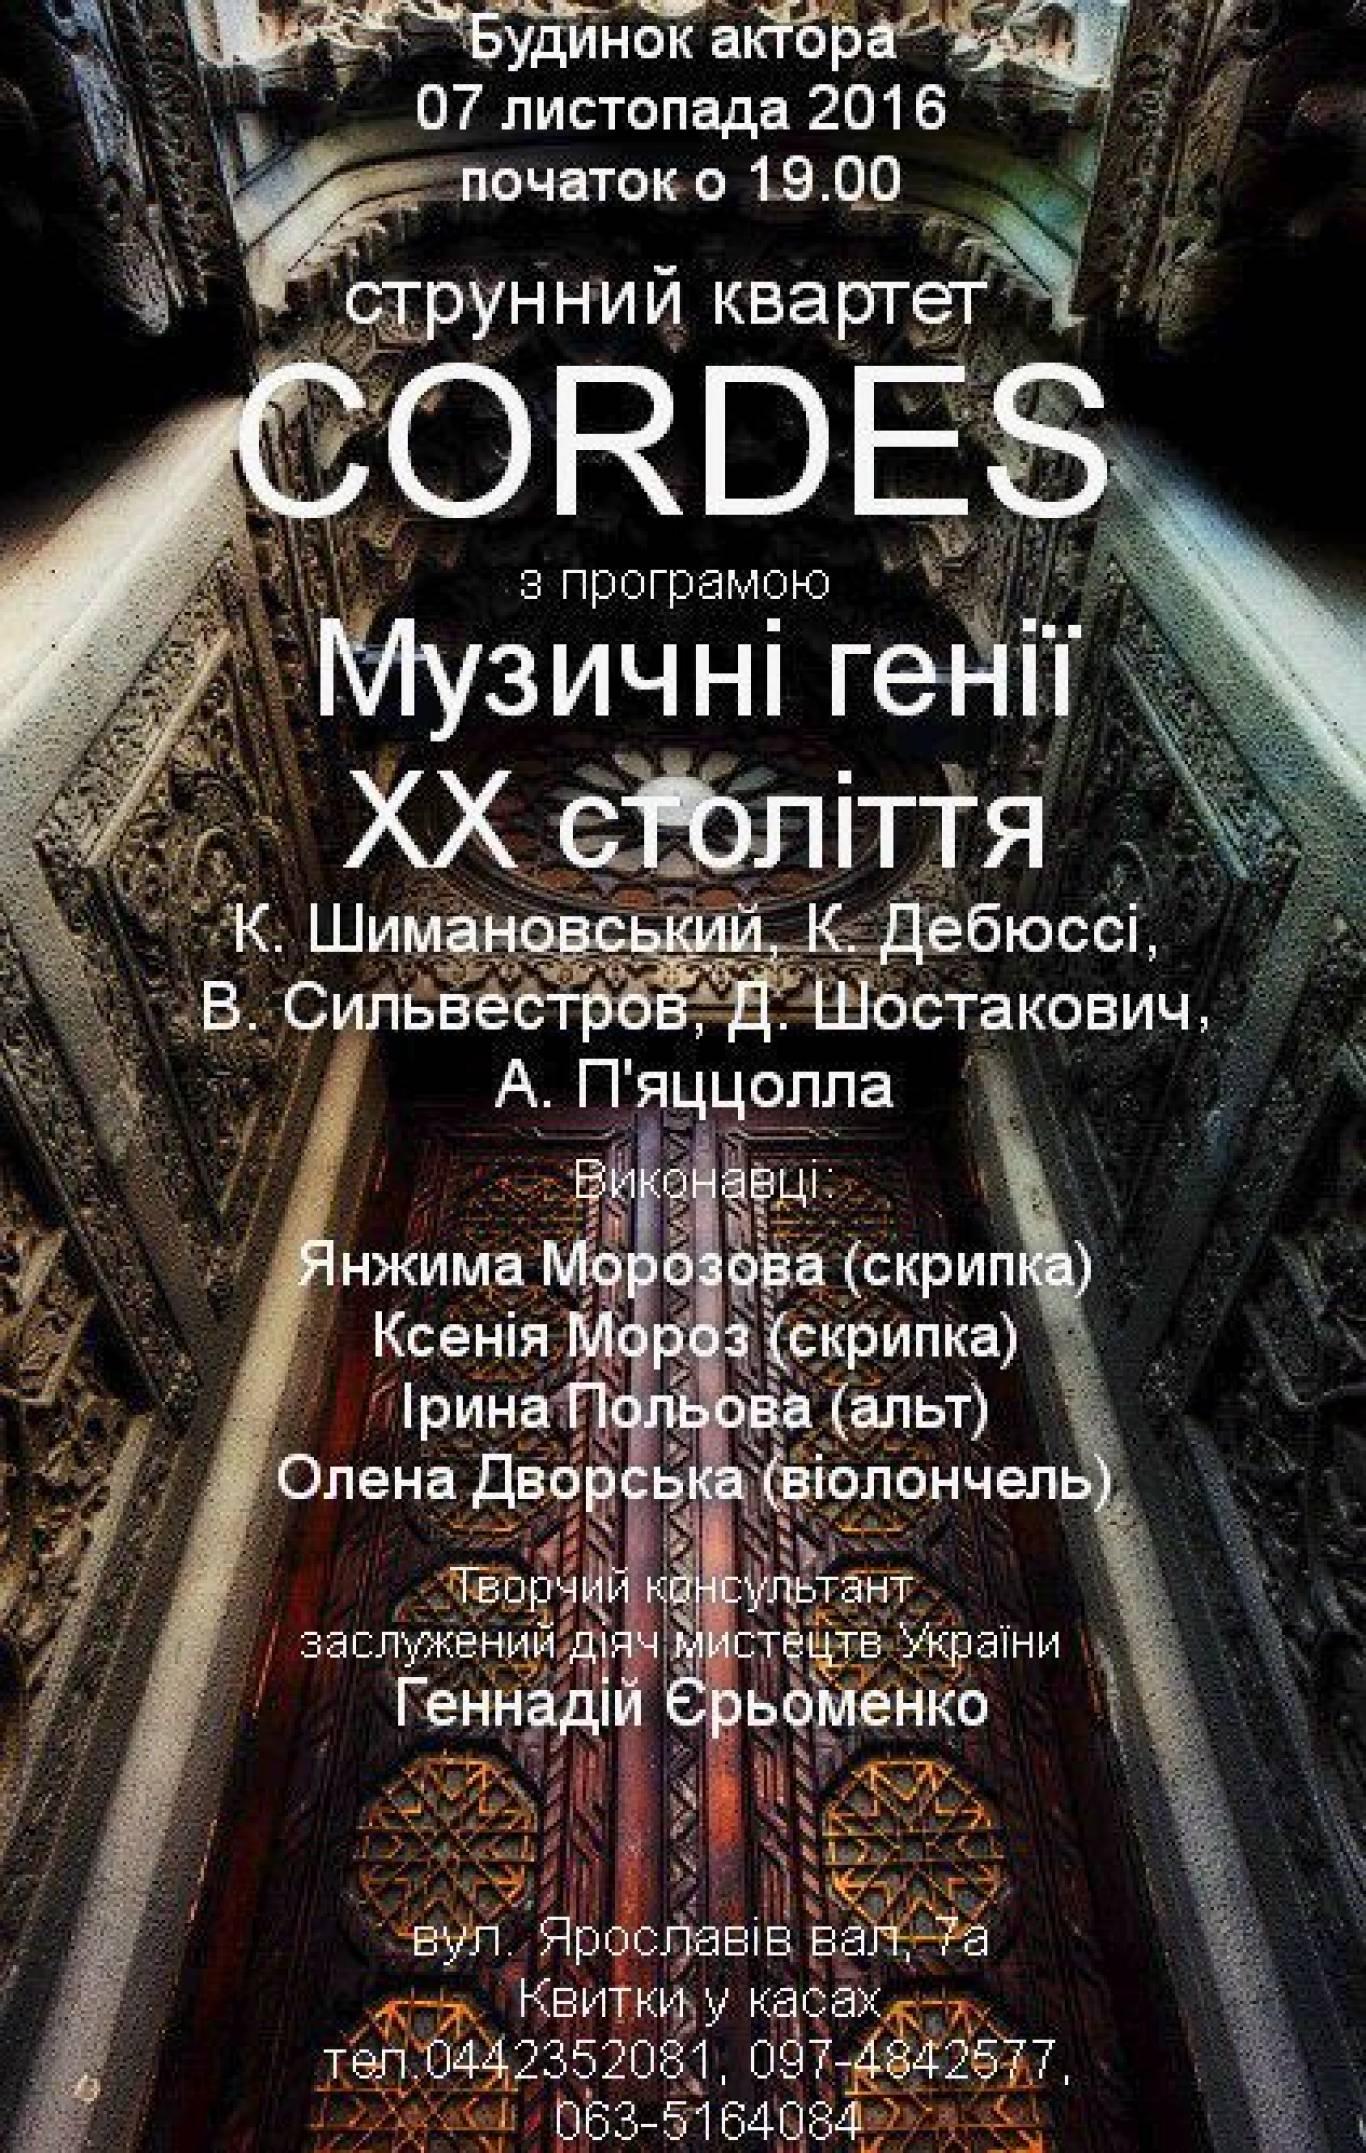 """""""Cordes"""" - квартет з програмою """"Музичні генії ХХ століття"""""""